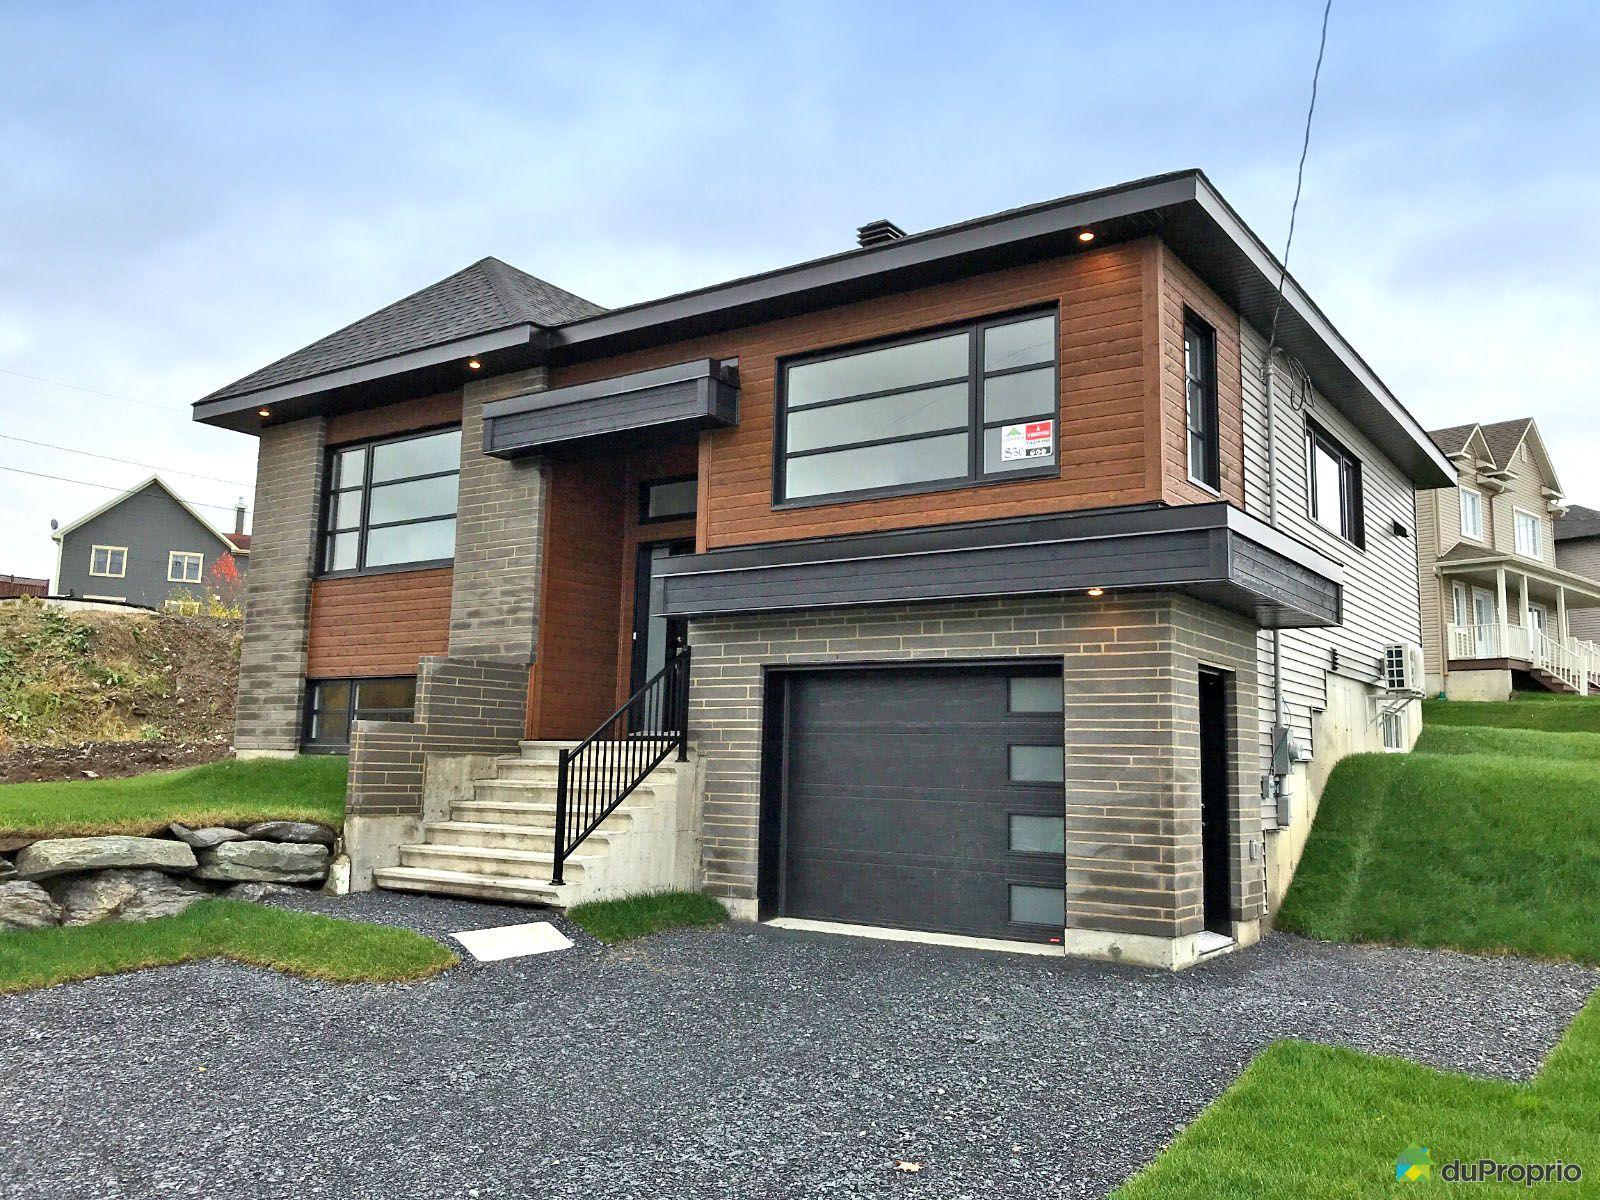 830 rue Roger Caron - Modèle Longueuil AVEC GARAGE - Domaine du ruisseau Dormant - Par Les Entreprises Lachance, Sherbrooke (Fleurimont) for sale